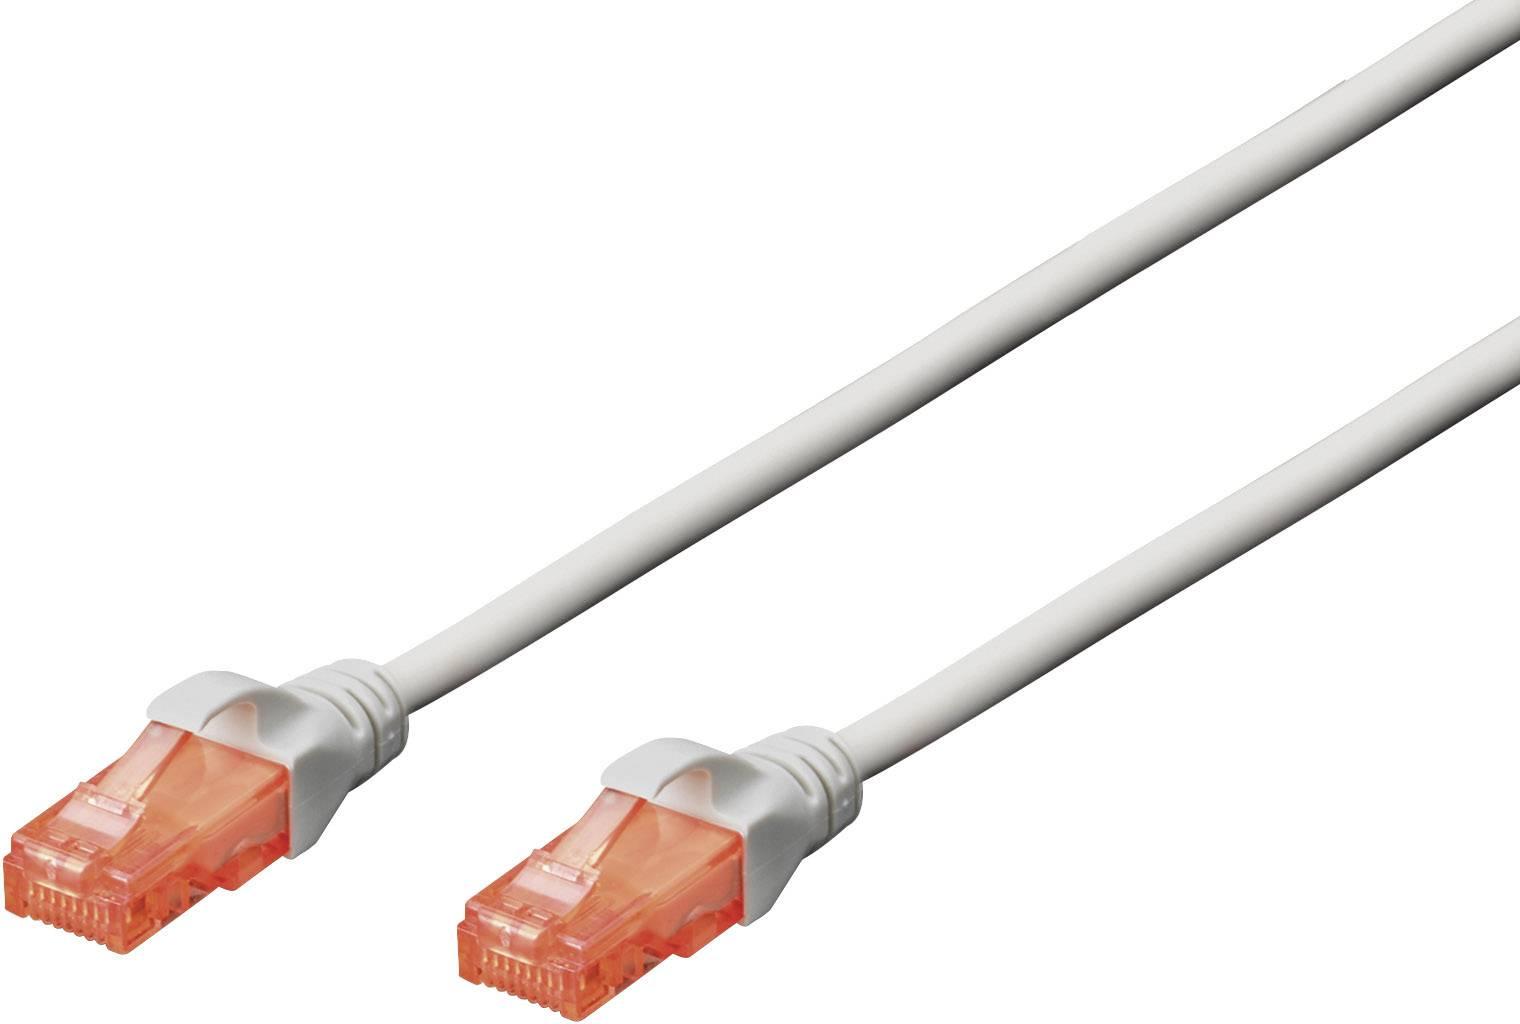 Sieťový prepojovací kábel RJ45 Digitus Professional DK-1617-050, CAT 6, U/UTP, 5 m, sivá